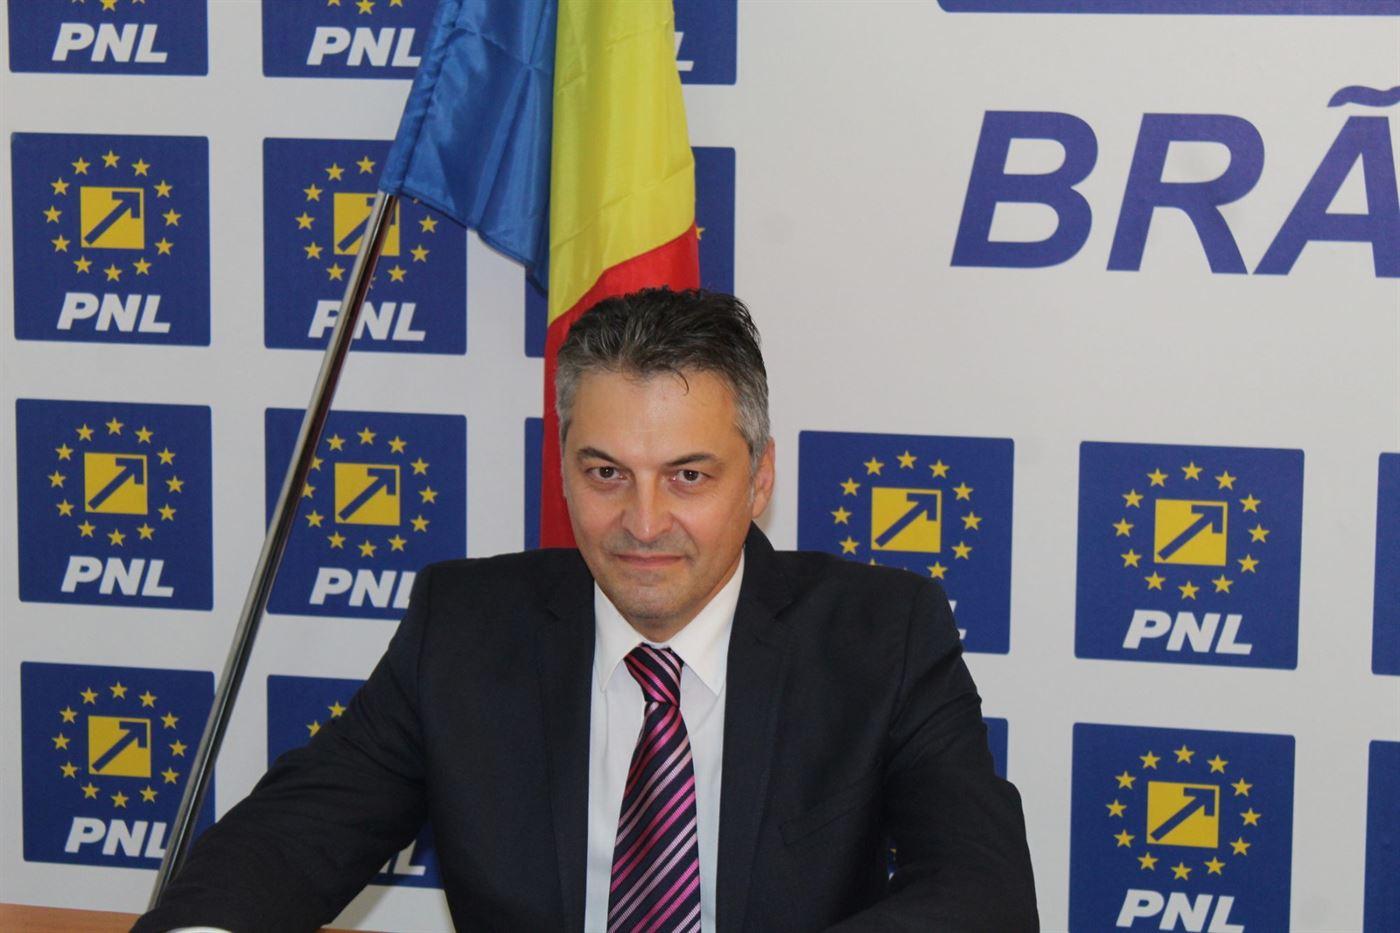 Cătălin Canciu îl acuză pe primarul municipiului Brăila, Marian Dragomir, de nepăsare